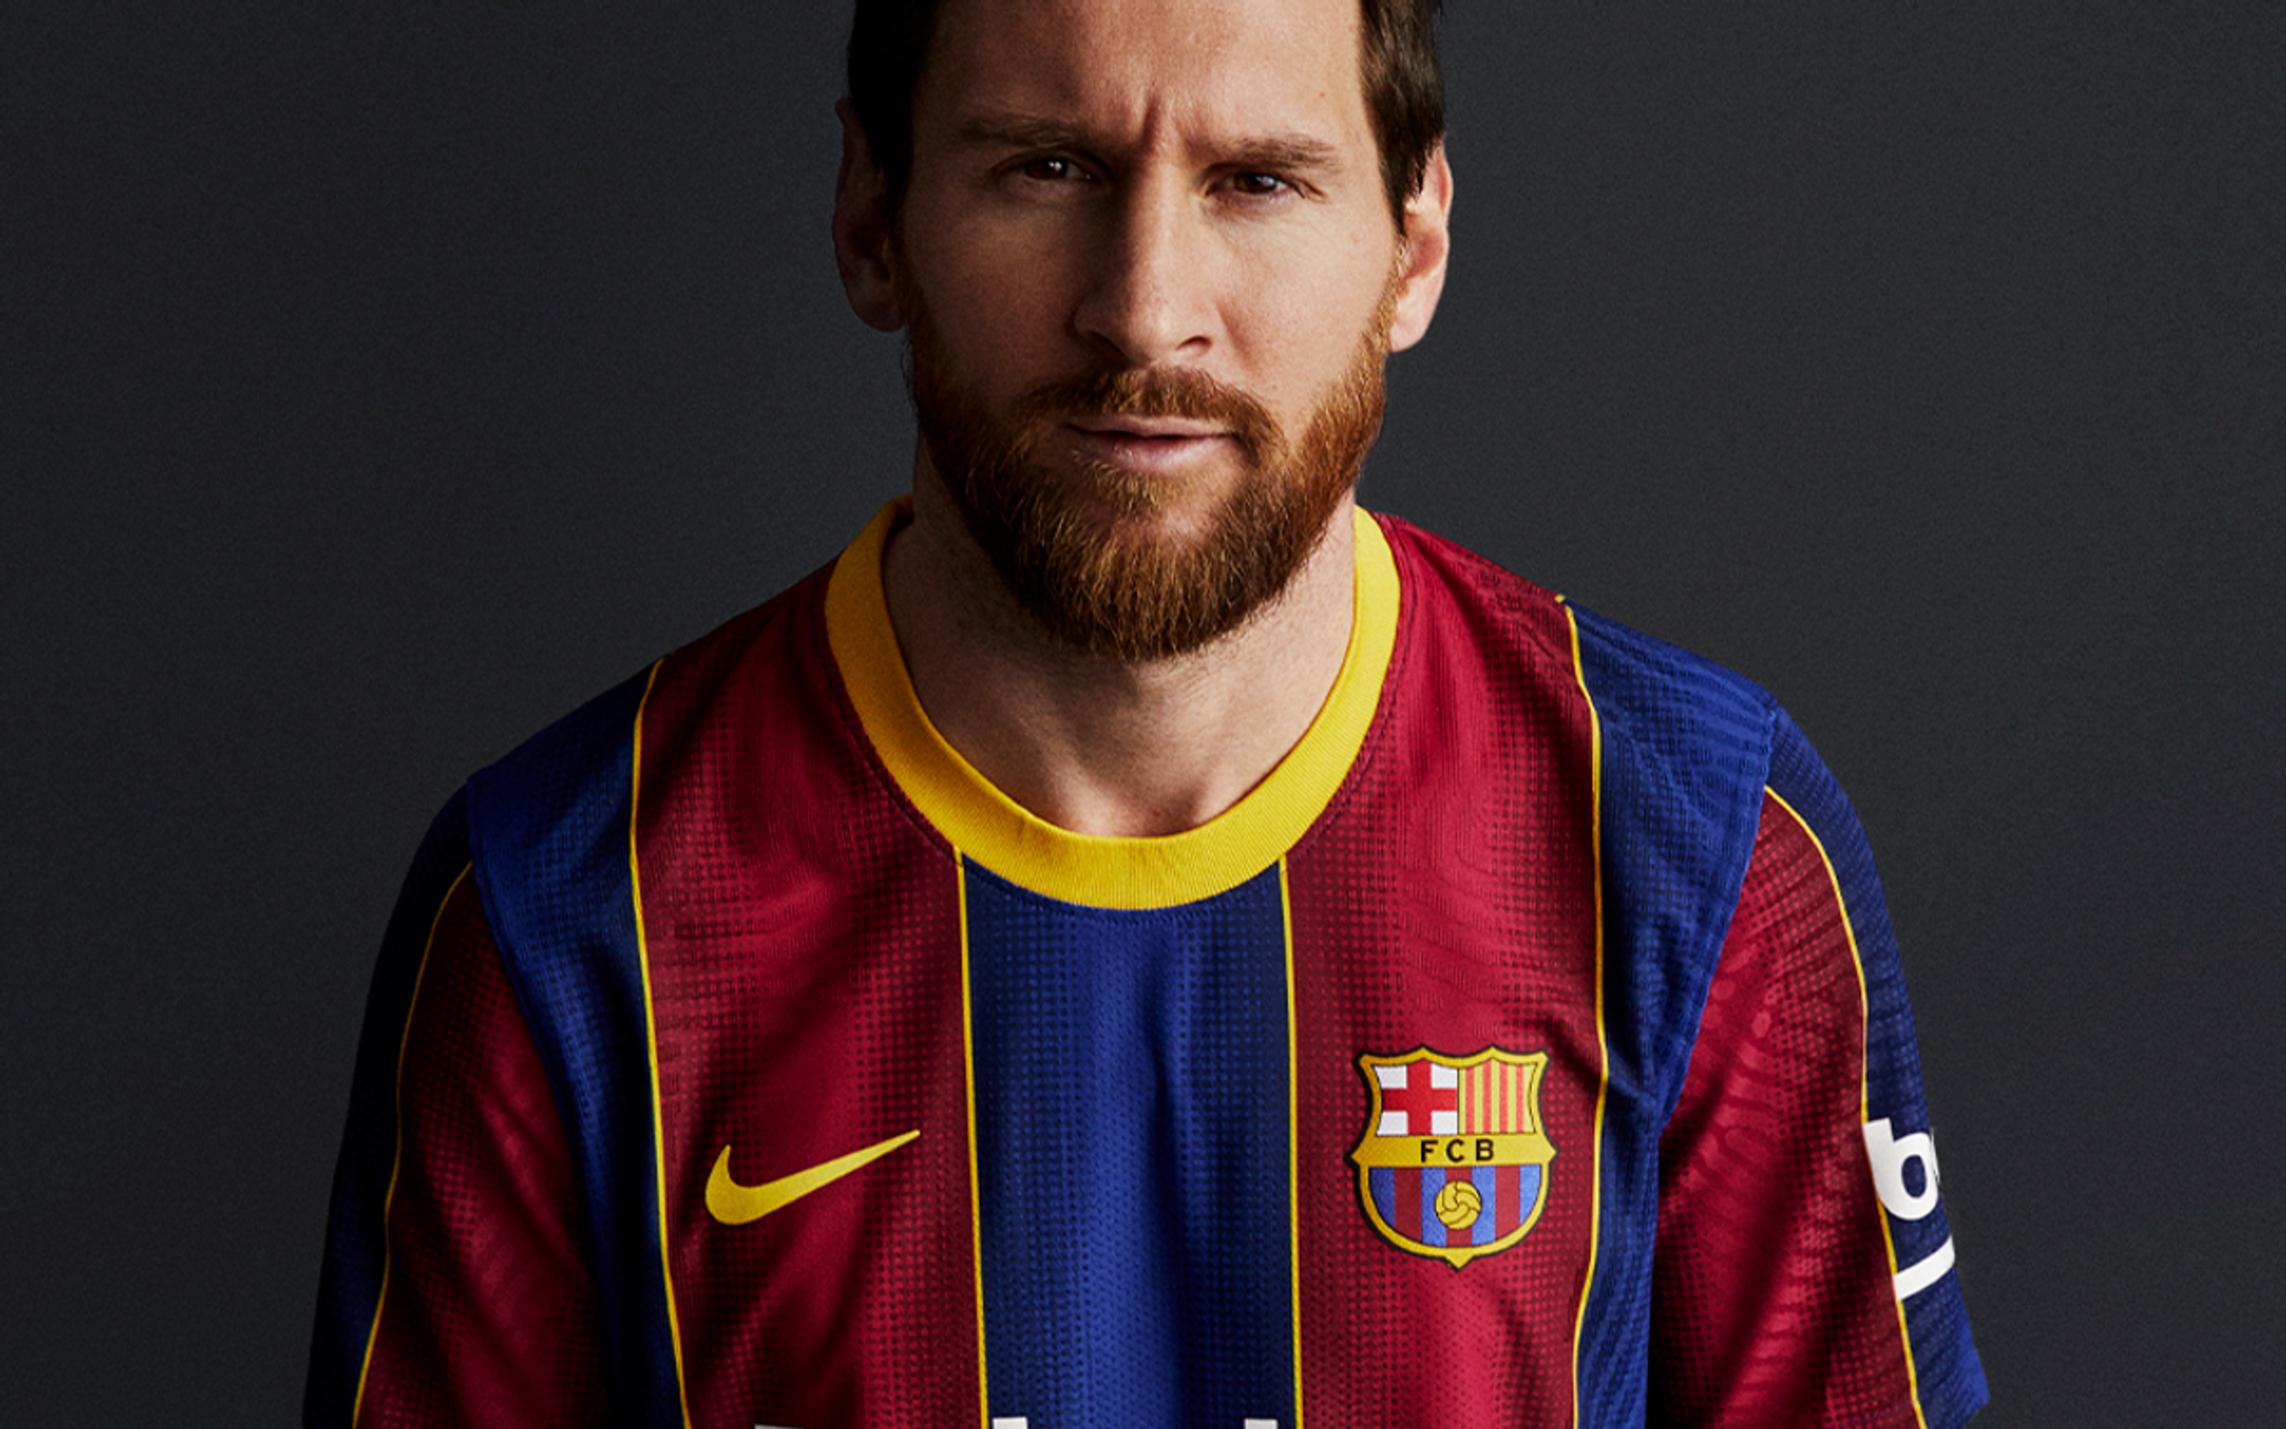 Il sito del club blaugrana ha presentato ufficialmente la nuova divisa per l&#39;anno prossimo, che sar&agrave; ispirata a quella di 10 anni fa &#39;vincitrice&#39; della Champions League, e allo stesso tempo ha mandato un chiaro messaggio di calciomercato: tra i testimonial per la nuova casacca ci sono infatti sia Messi sia Griezmann.&nbsp;<br /><br />